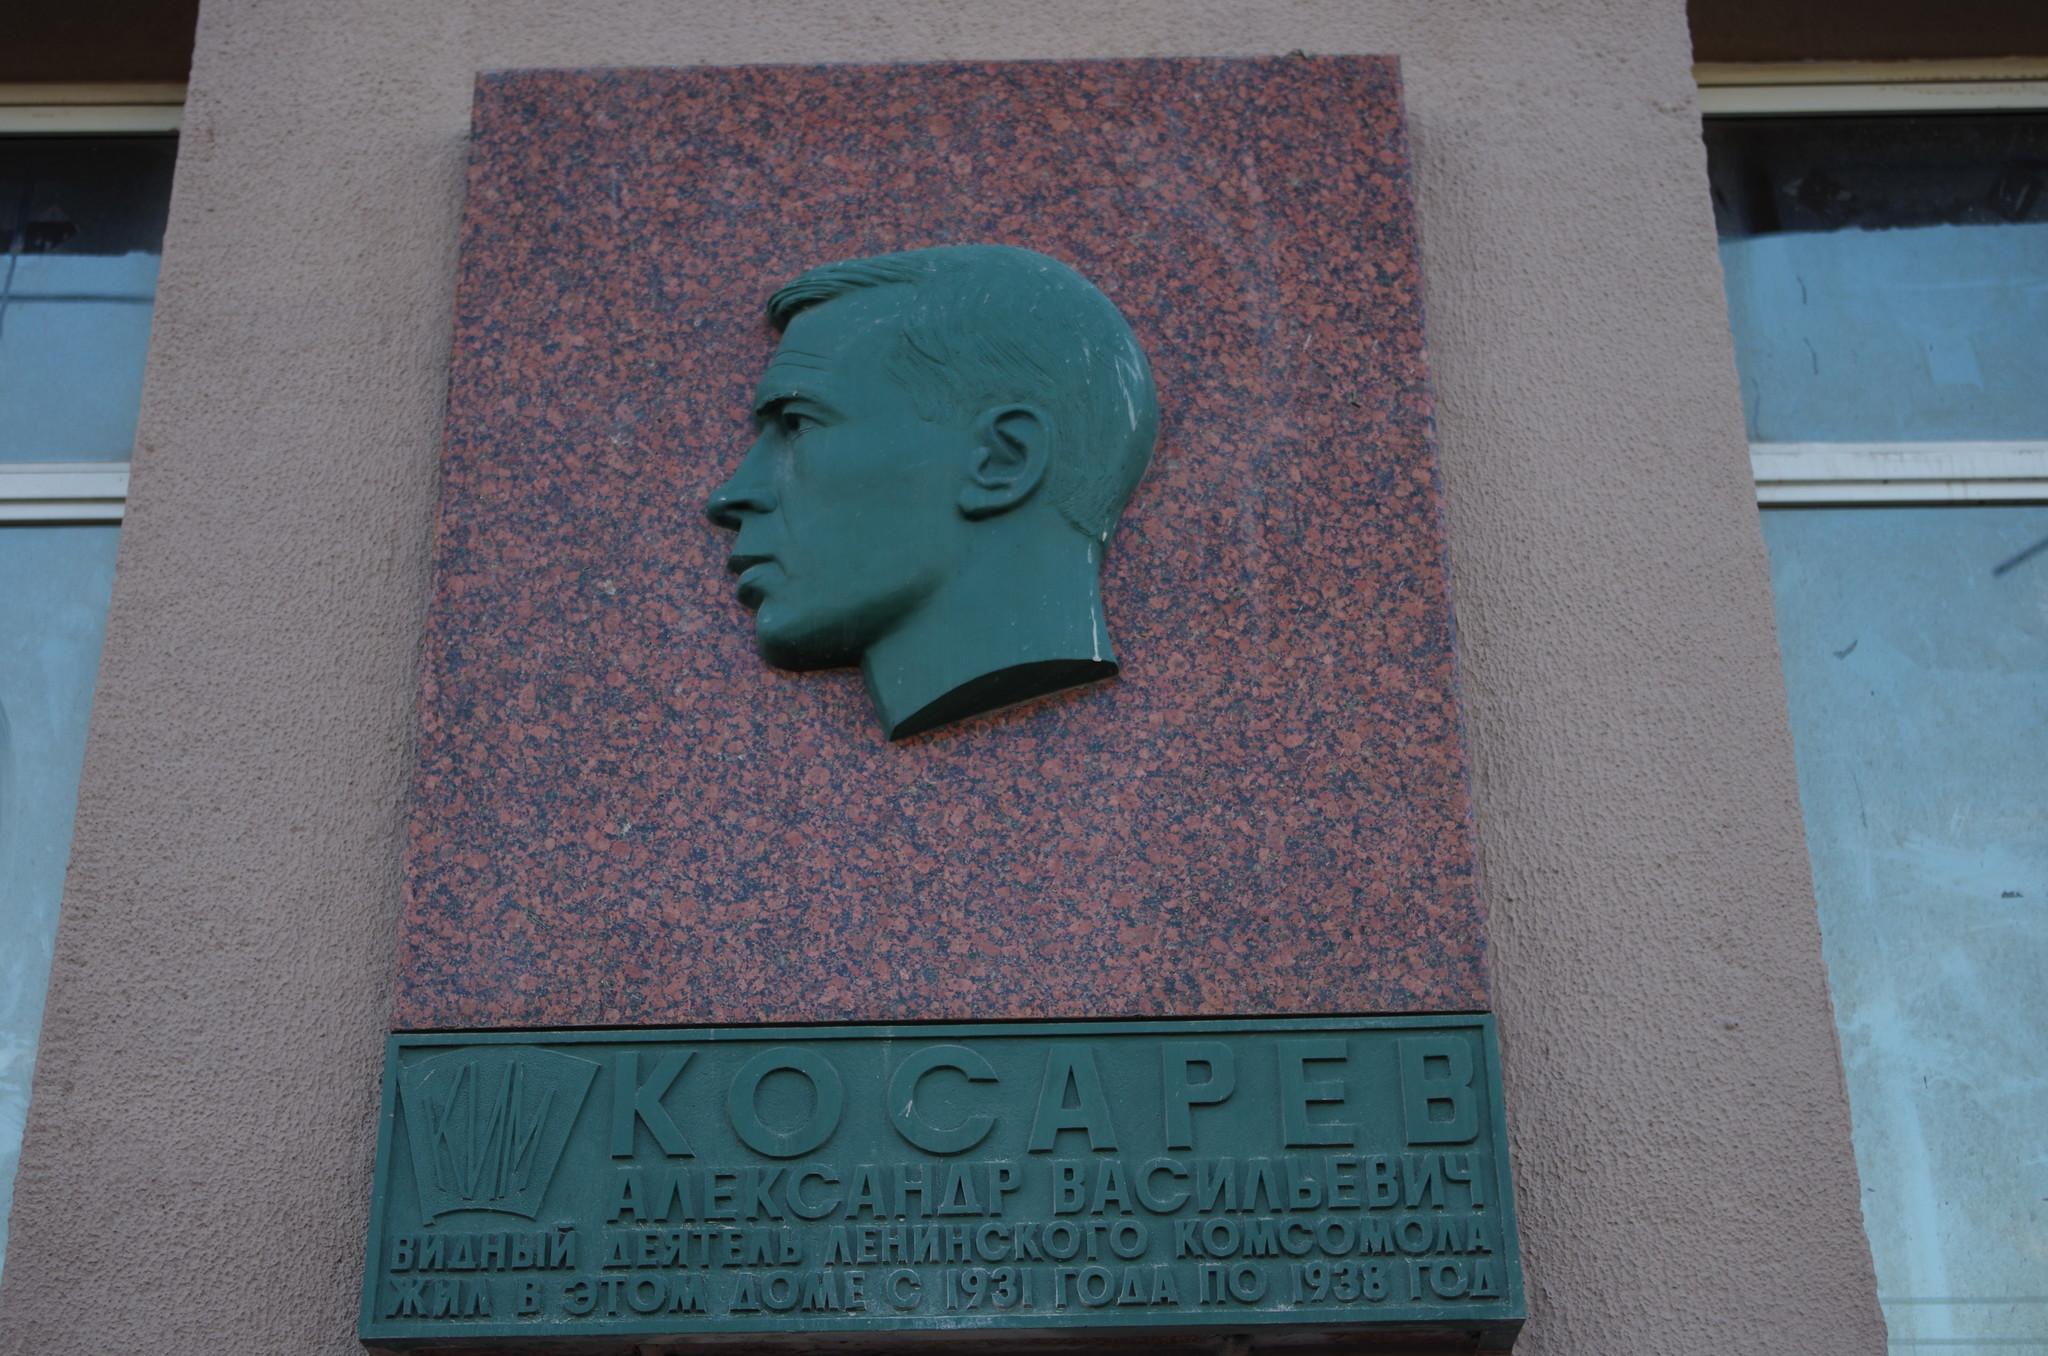 Мемориальная доска в память о А.В. Косареве на стене «Дома на набережной» (улица Серафимовича, дом 2)